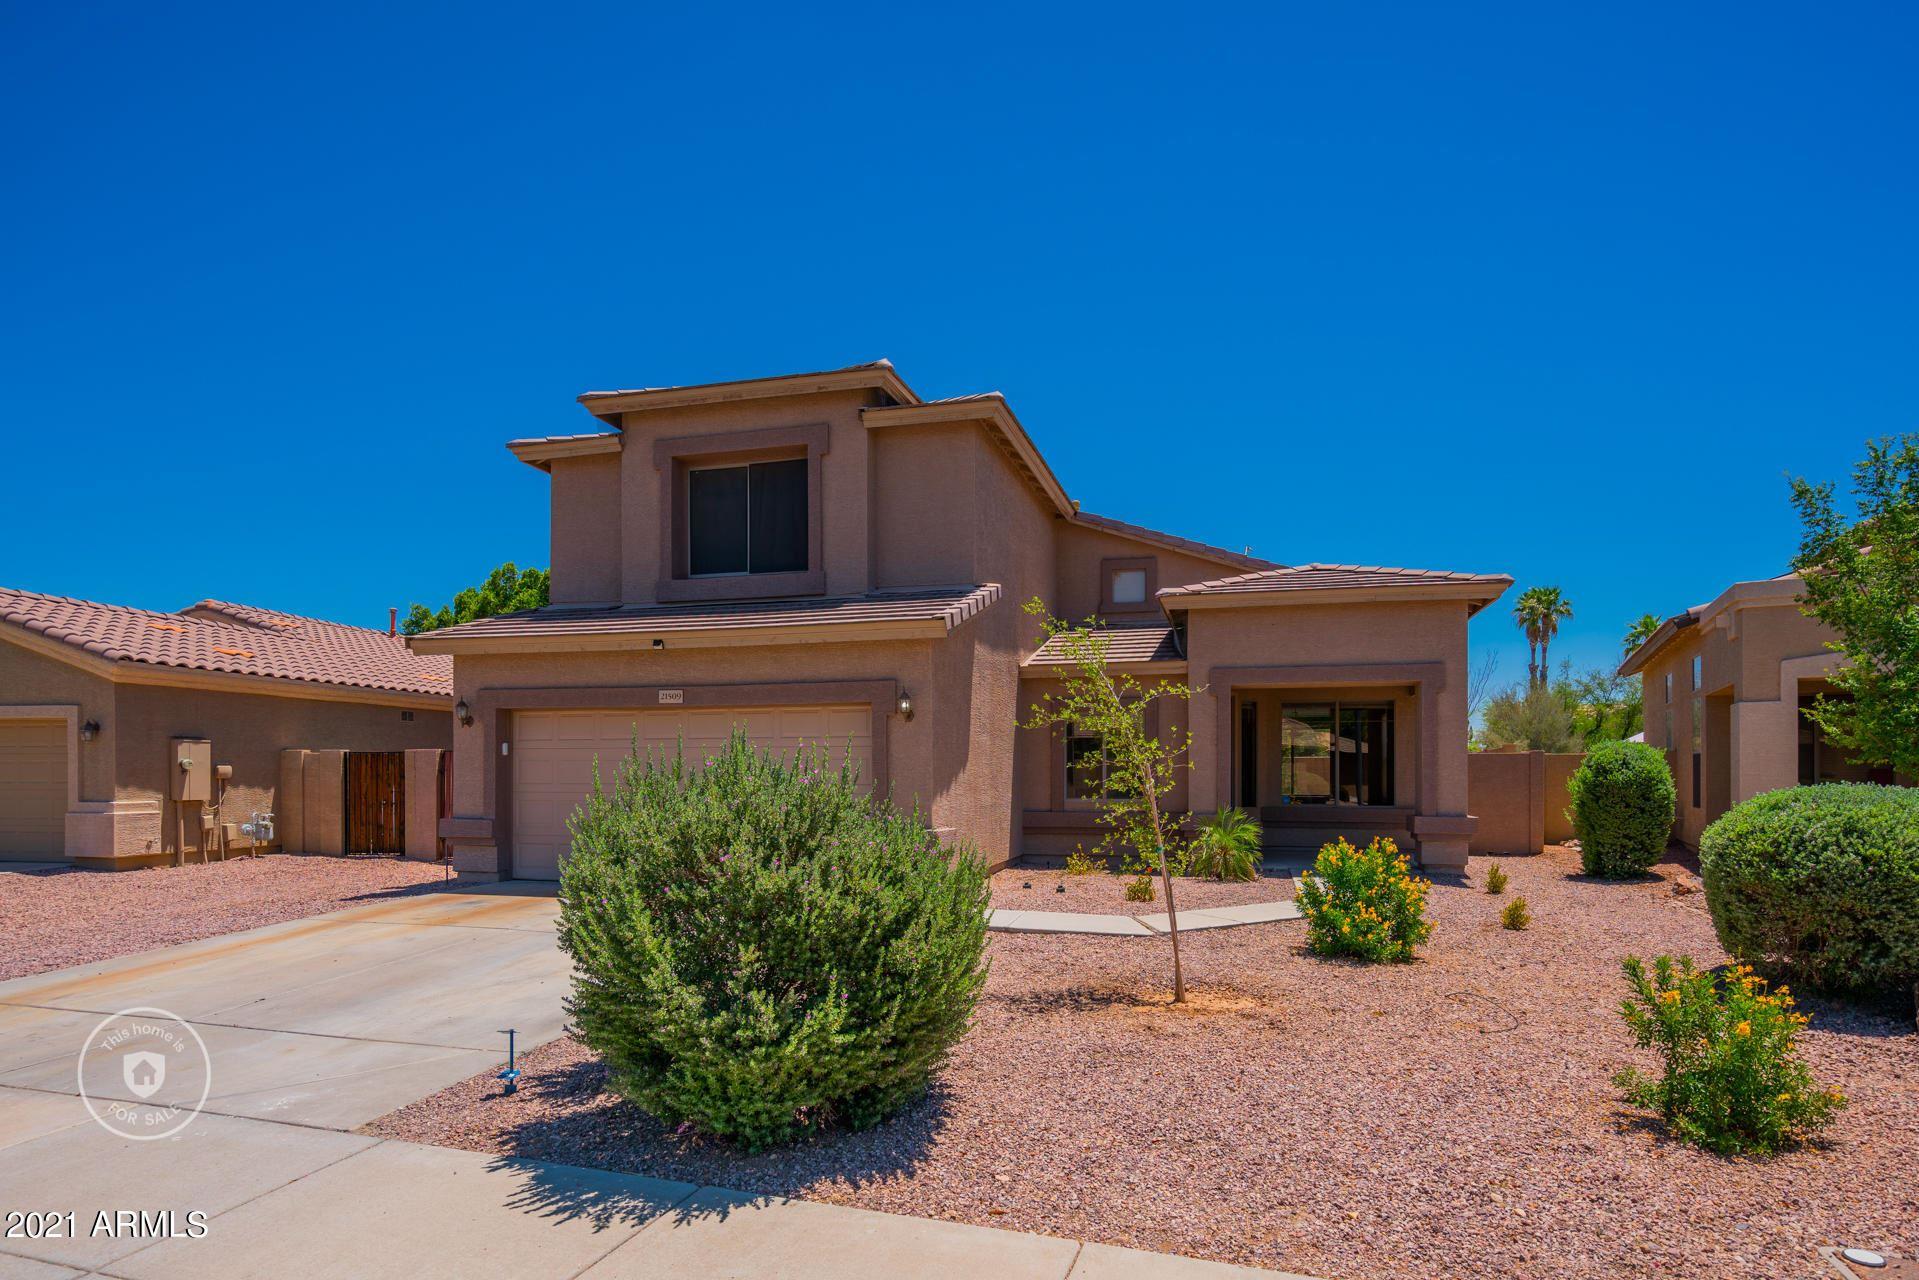 Photo of 21509 N 81ST Drive, Peoria, AZ 85382 (MLS # 6250082)